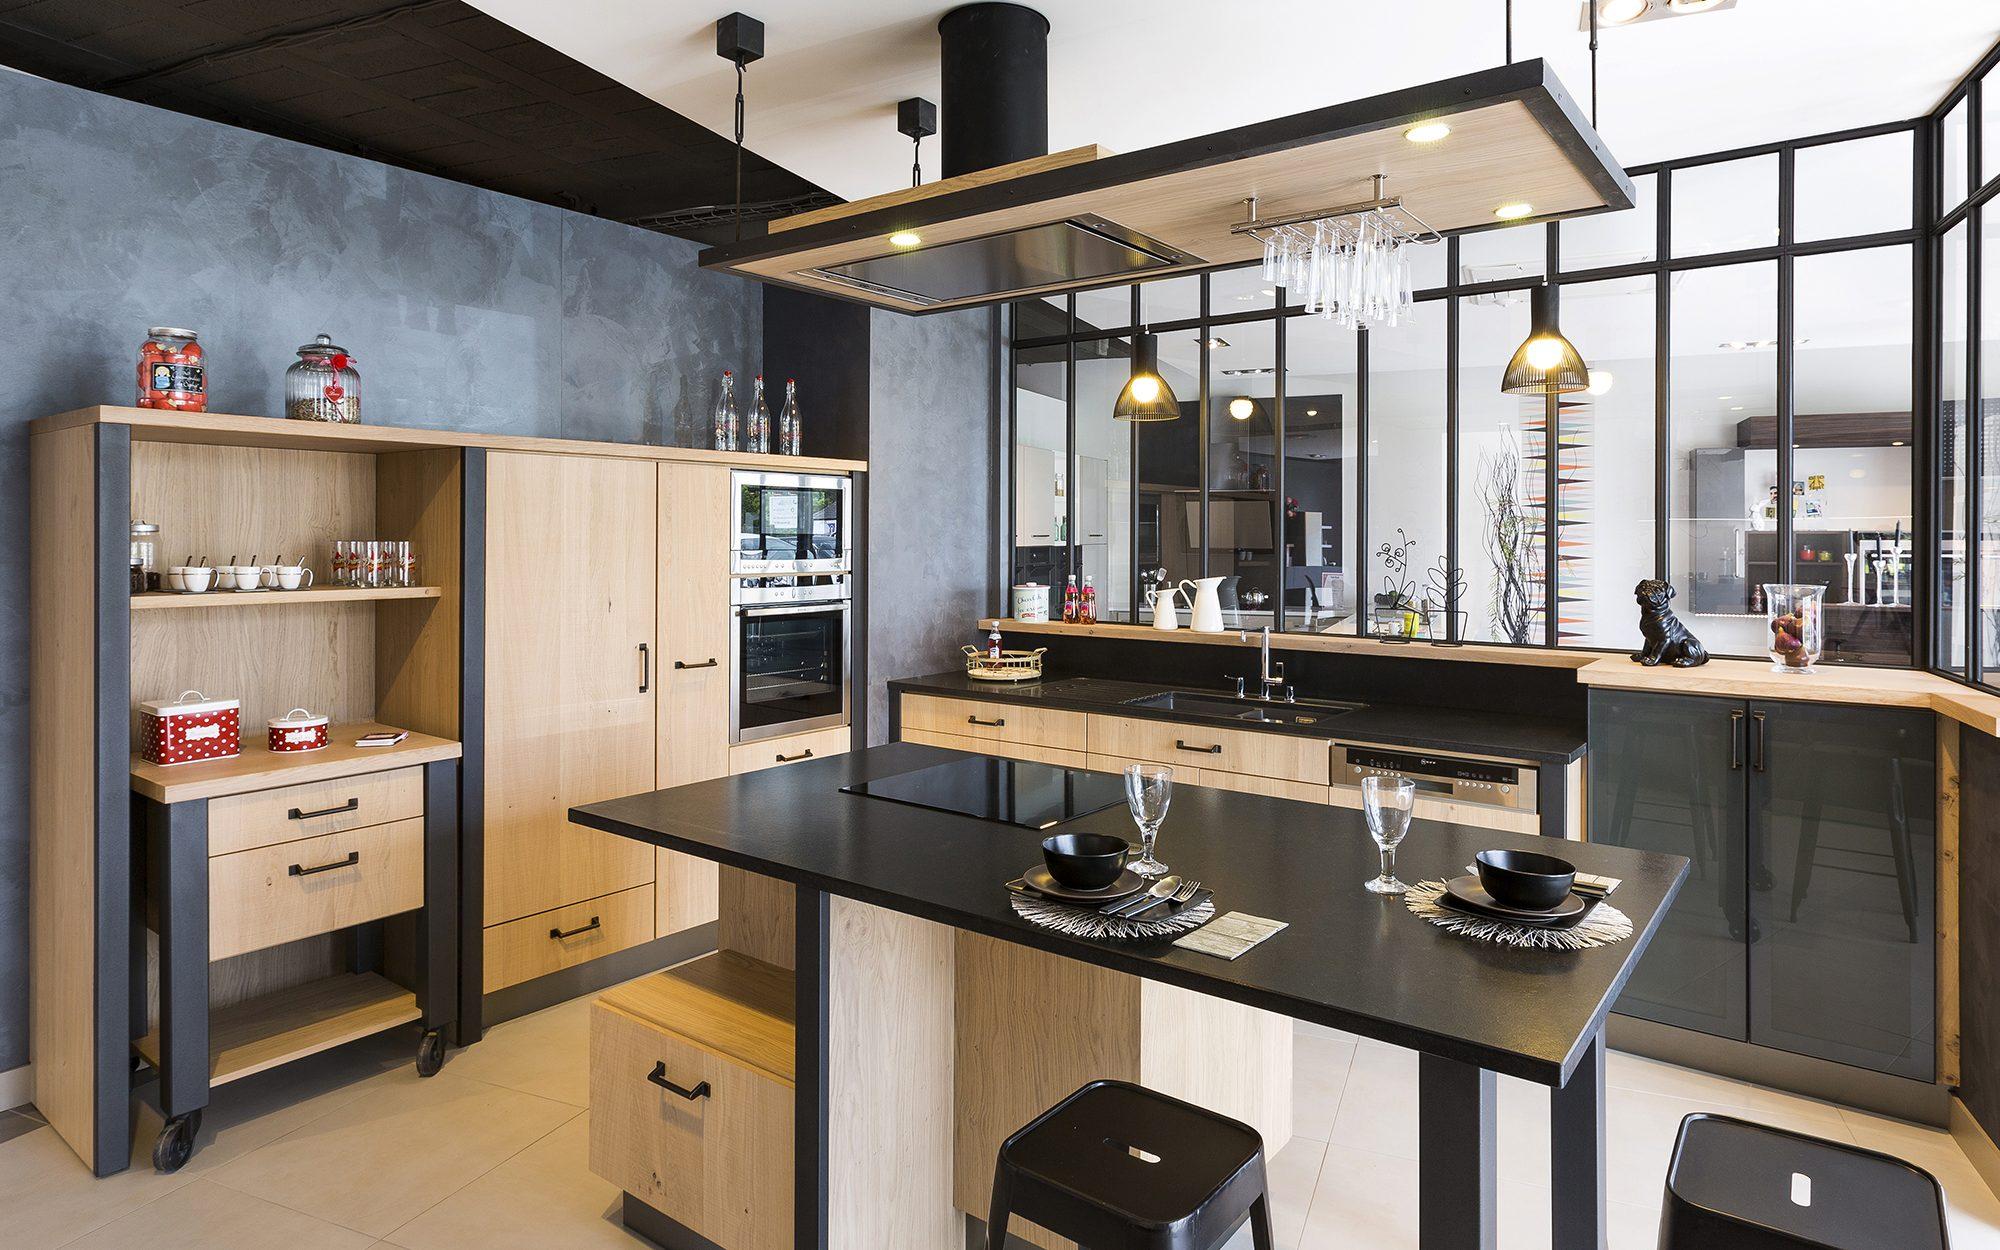 cr ations gravouille cuisines salles de bains bureaux dressings. Black Bedroom Furniture Sets. Home Design Ideas